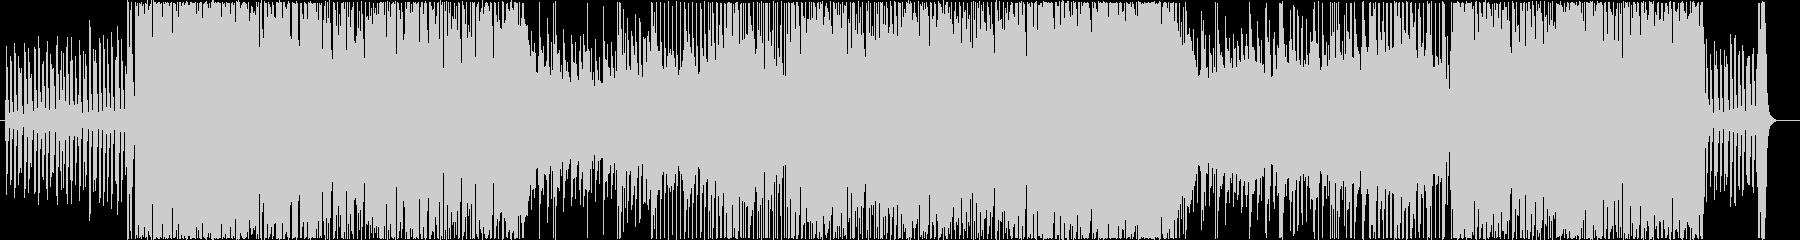 【生演奏】疾走感のあるピアノインストの未再生の波形